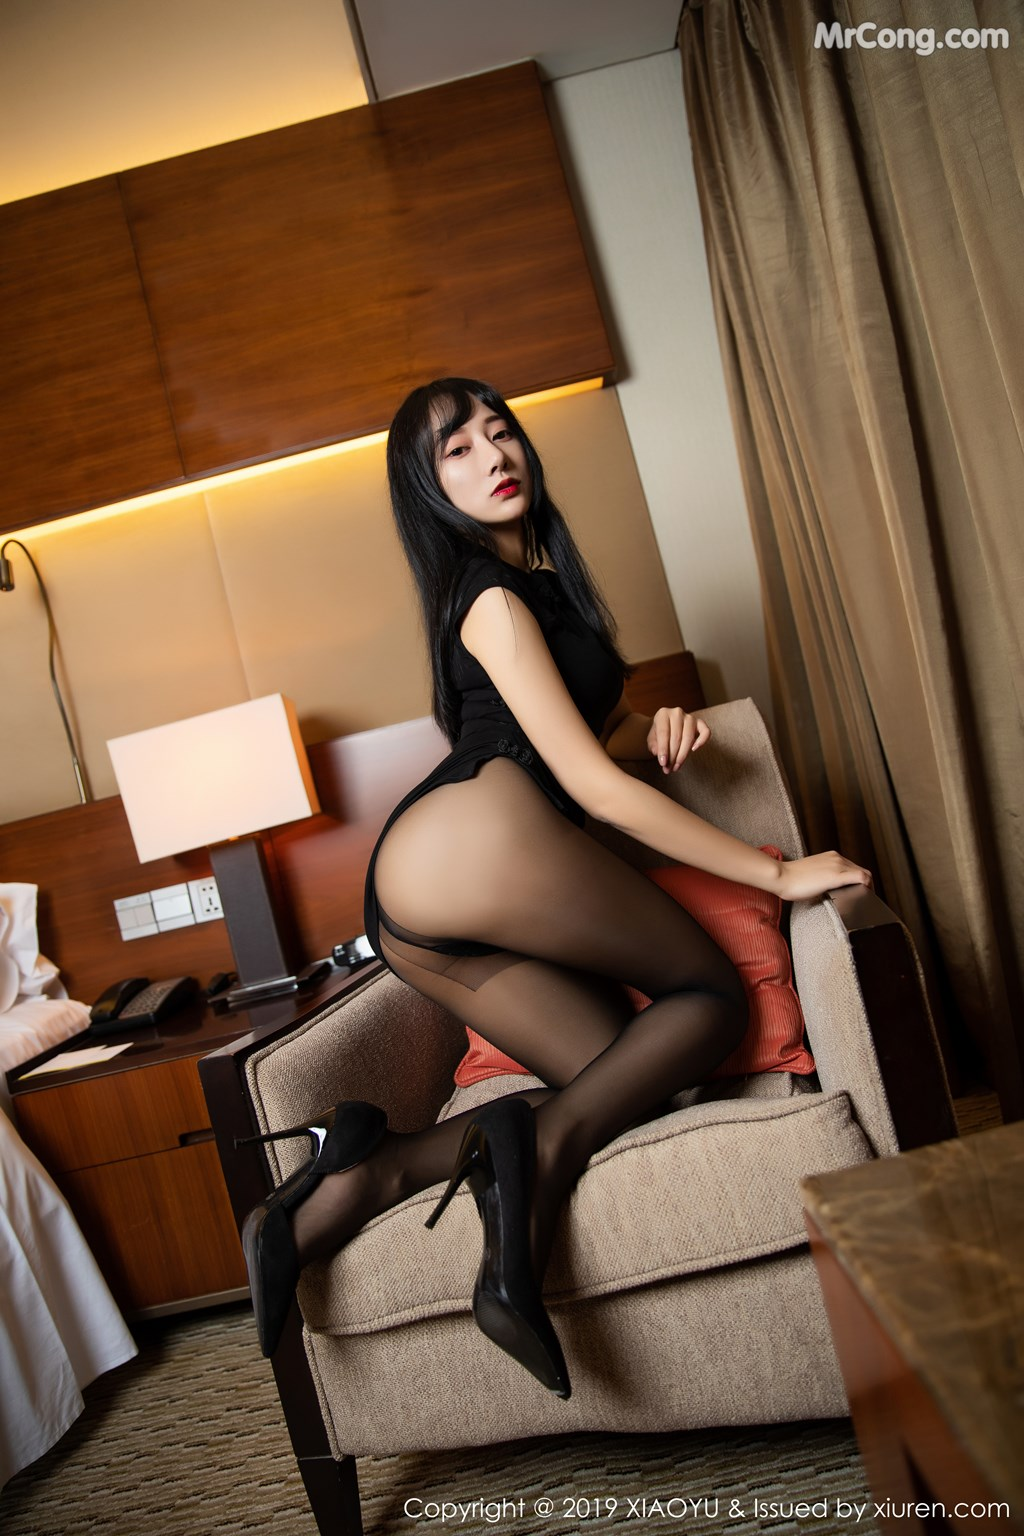 Image XiaoYu-Vol.145-He-Jia-Ying-MrCong.com-011 in post XiaoYu Vol.145: He Jia Ying (何嘉颖) (68 ảnh)